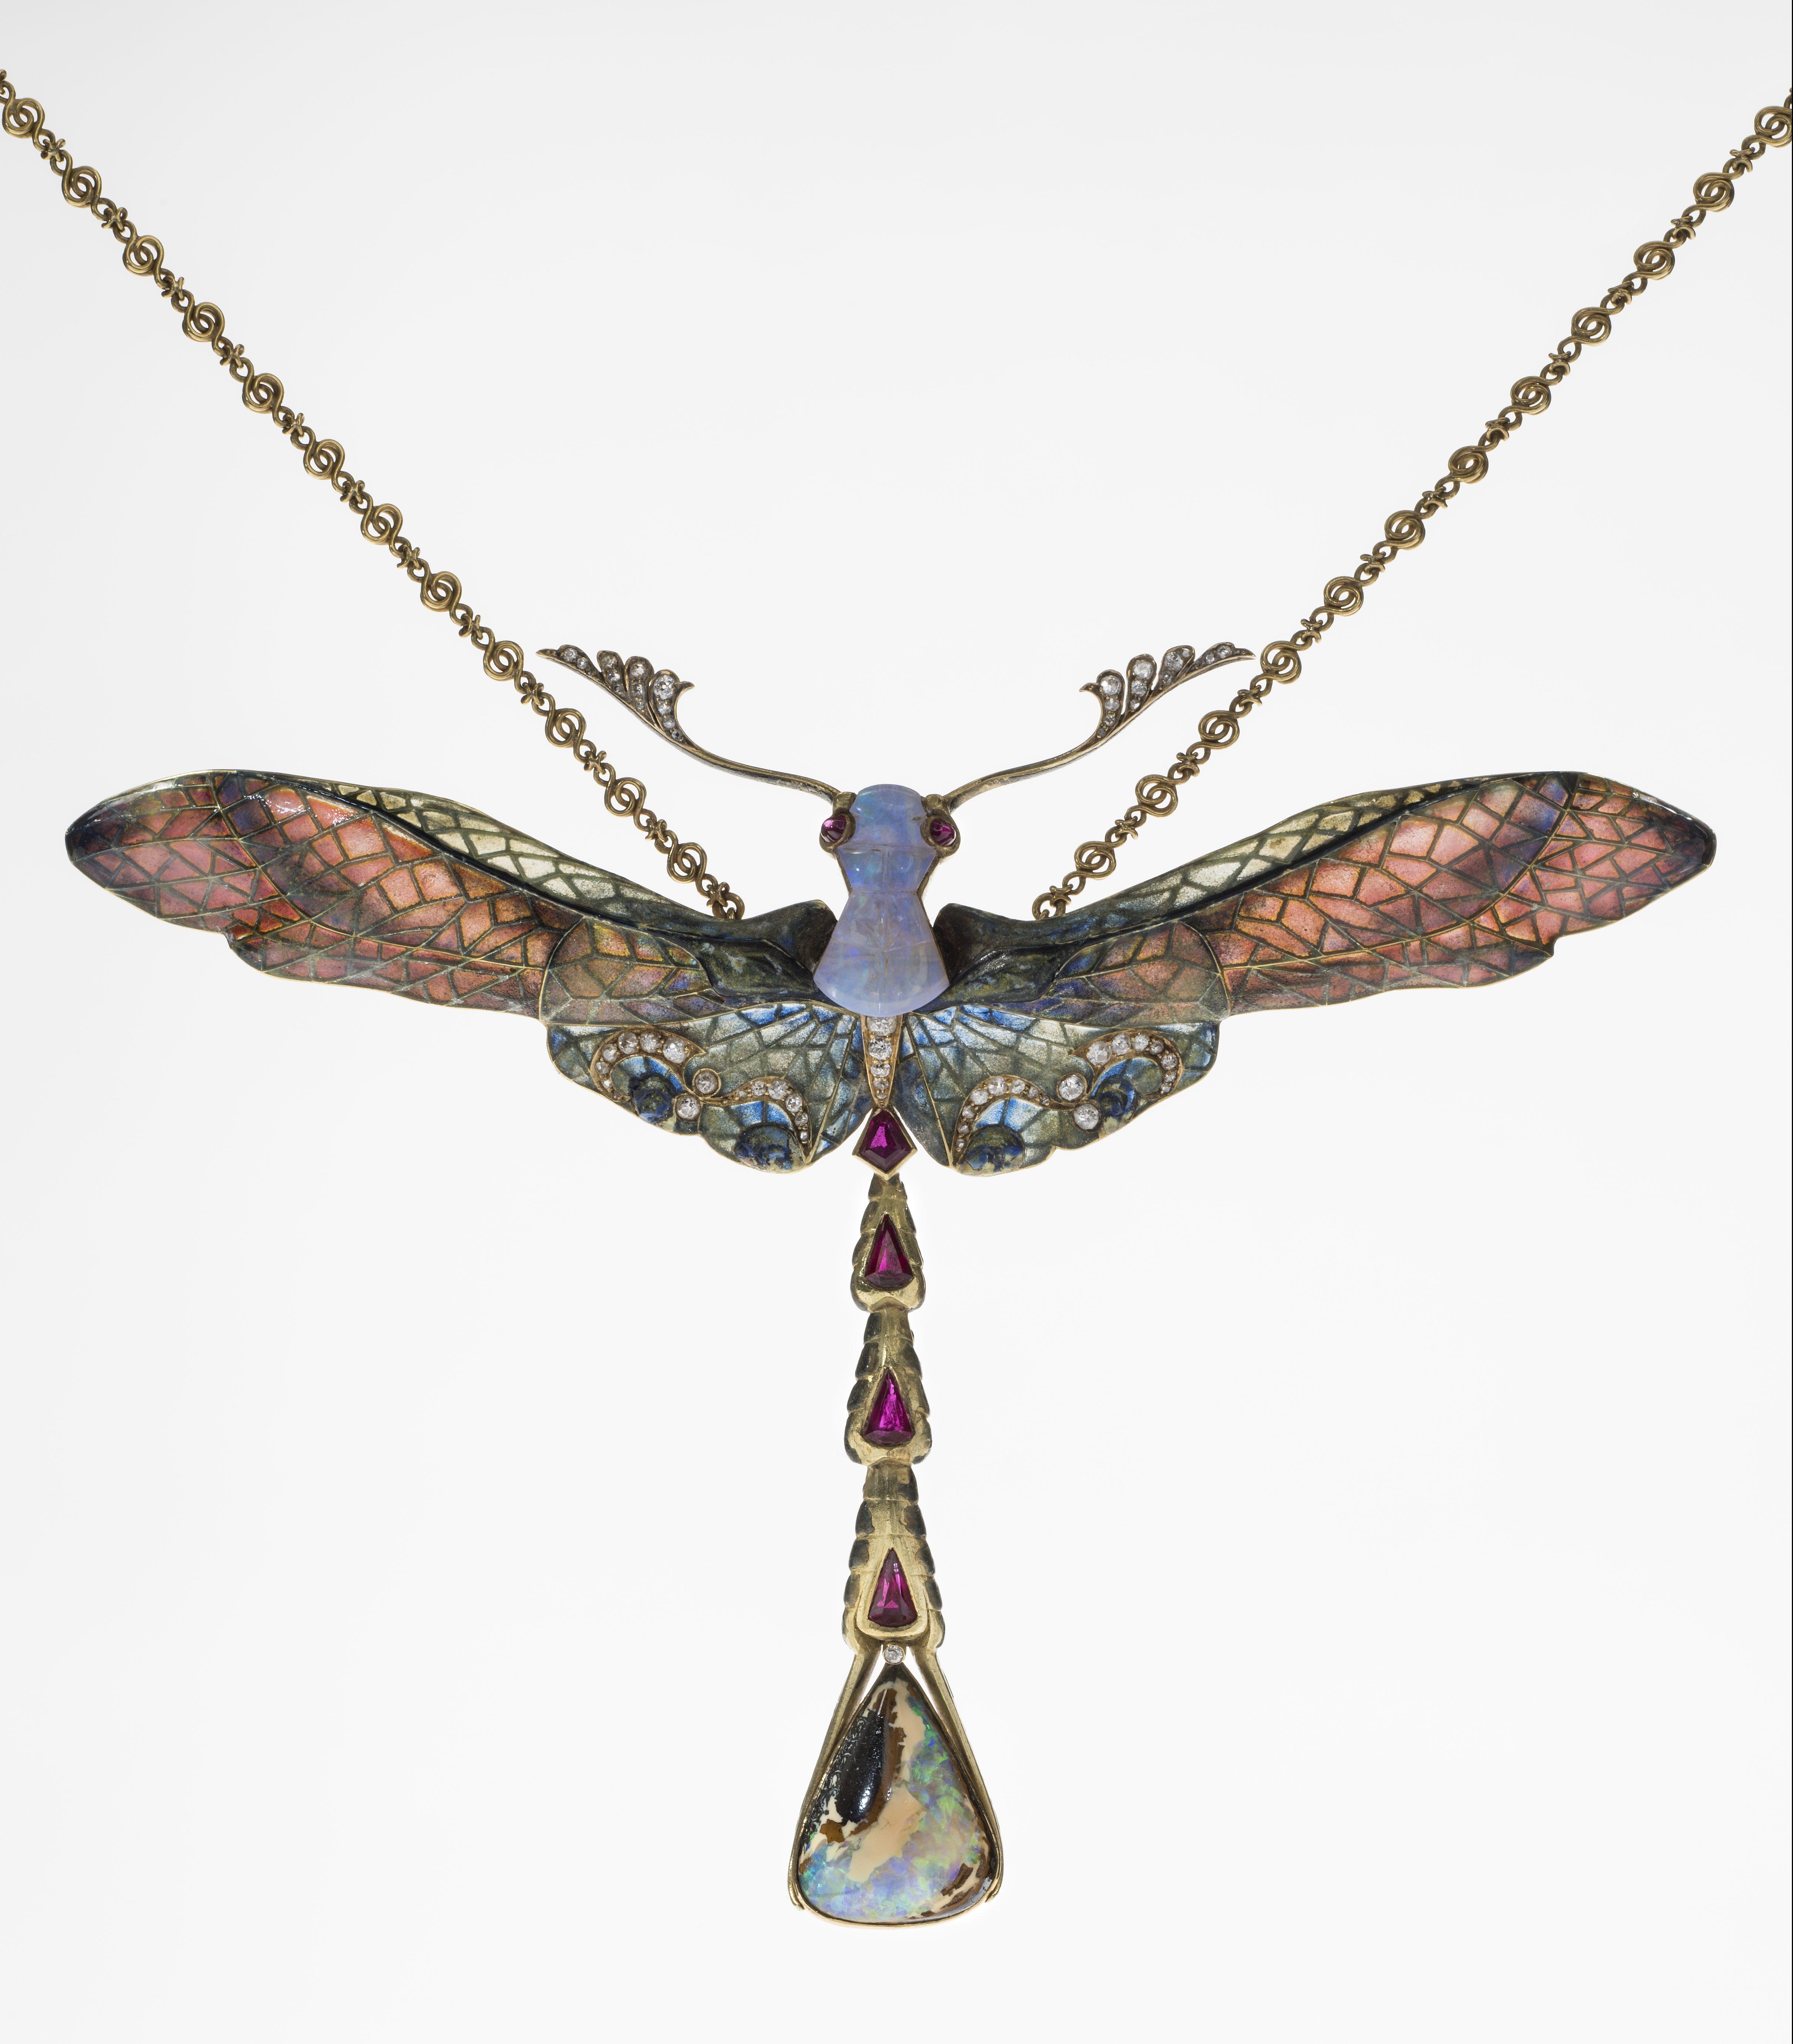 Philippe Wolfers, Libel, hanger, 1902-1903. Collectie Koning Boudewijnstichting, foto Jubelparkmuseum, vensteremail, stenen, metaal